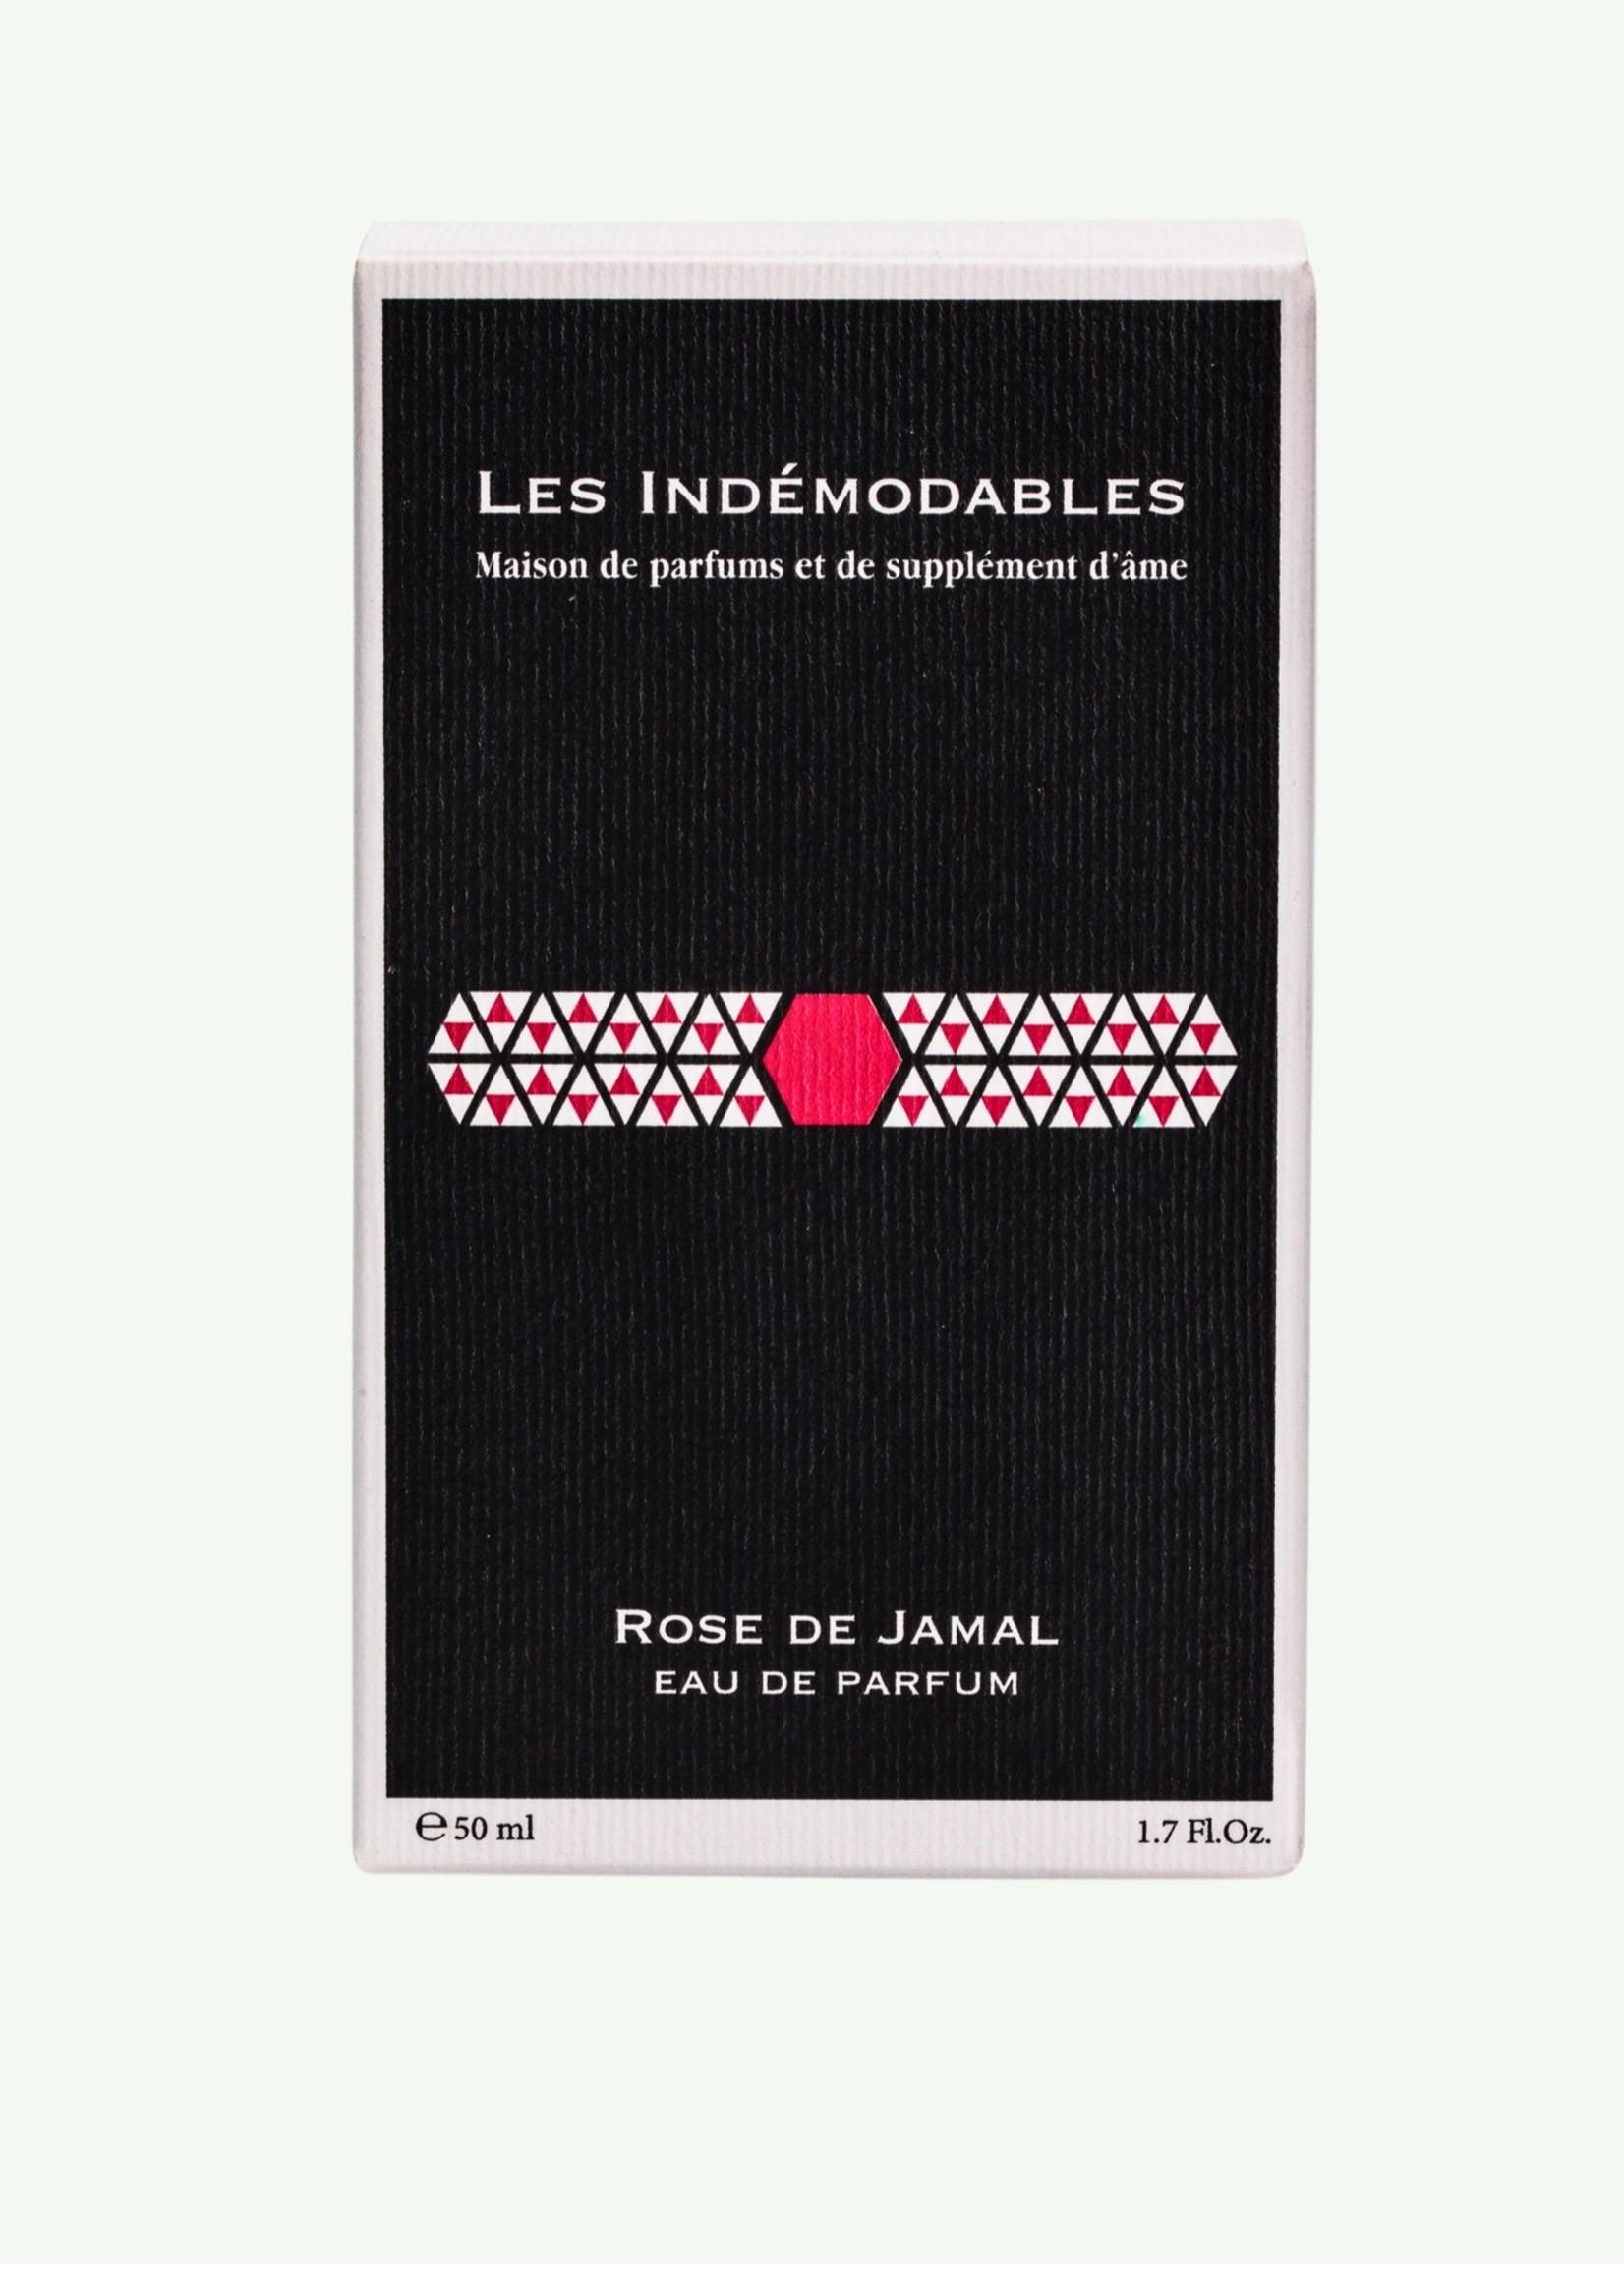 Les Indémodables Les Indémodables - Rose de Jamal - Eau de Parfum